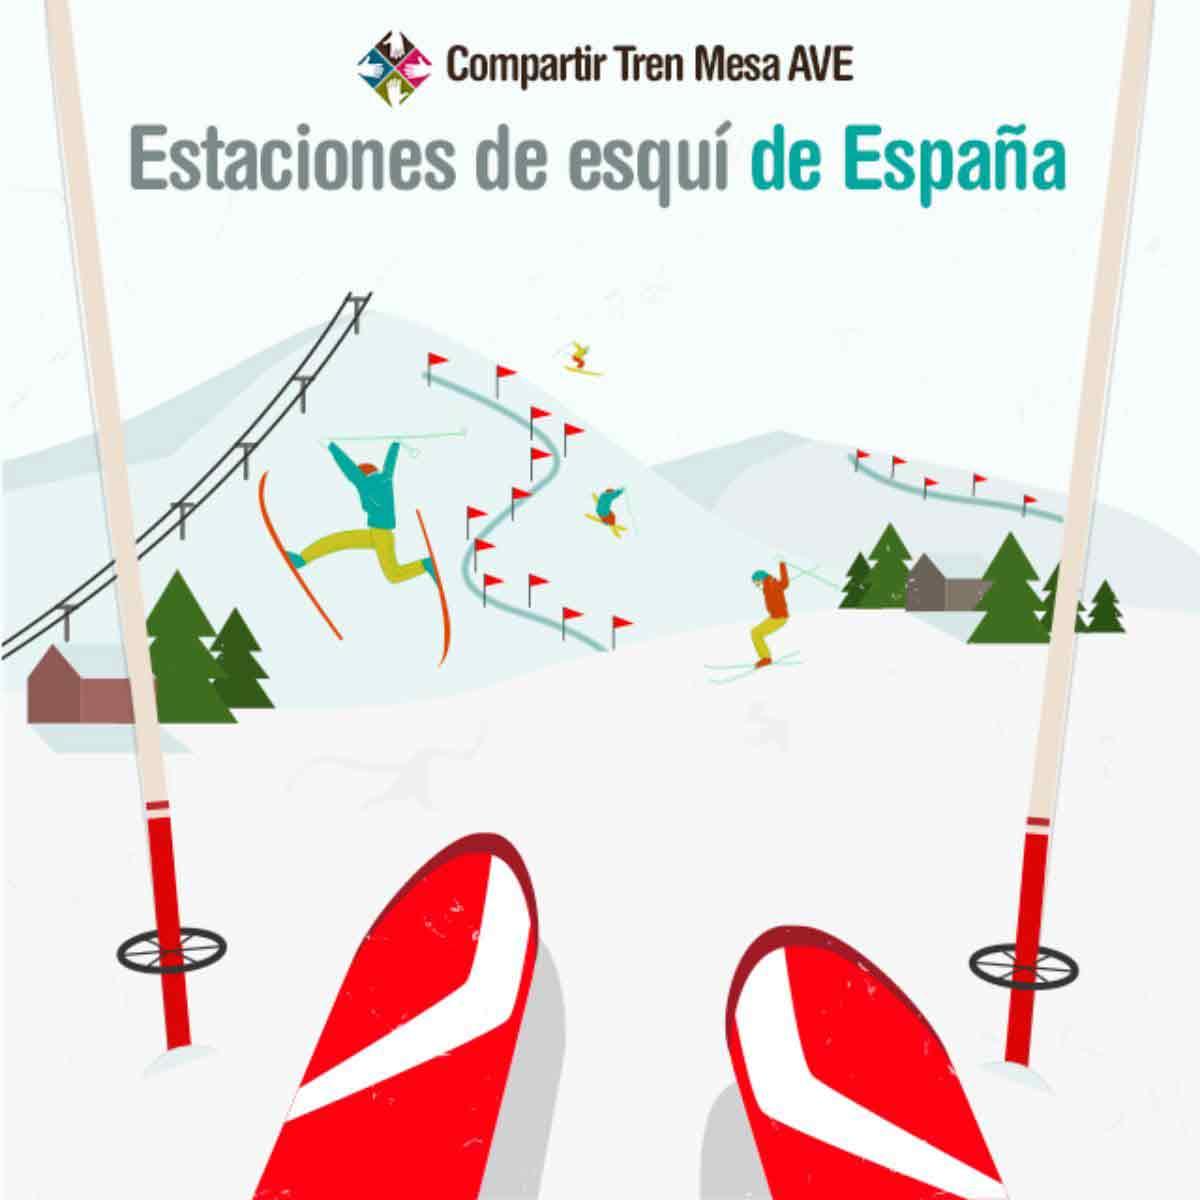 Viaja a las mejores estaciones de esquí de España